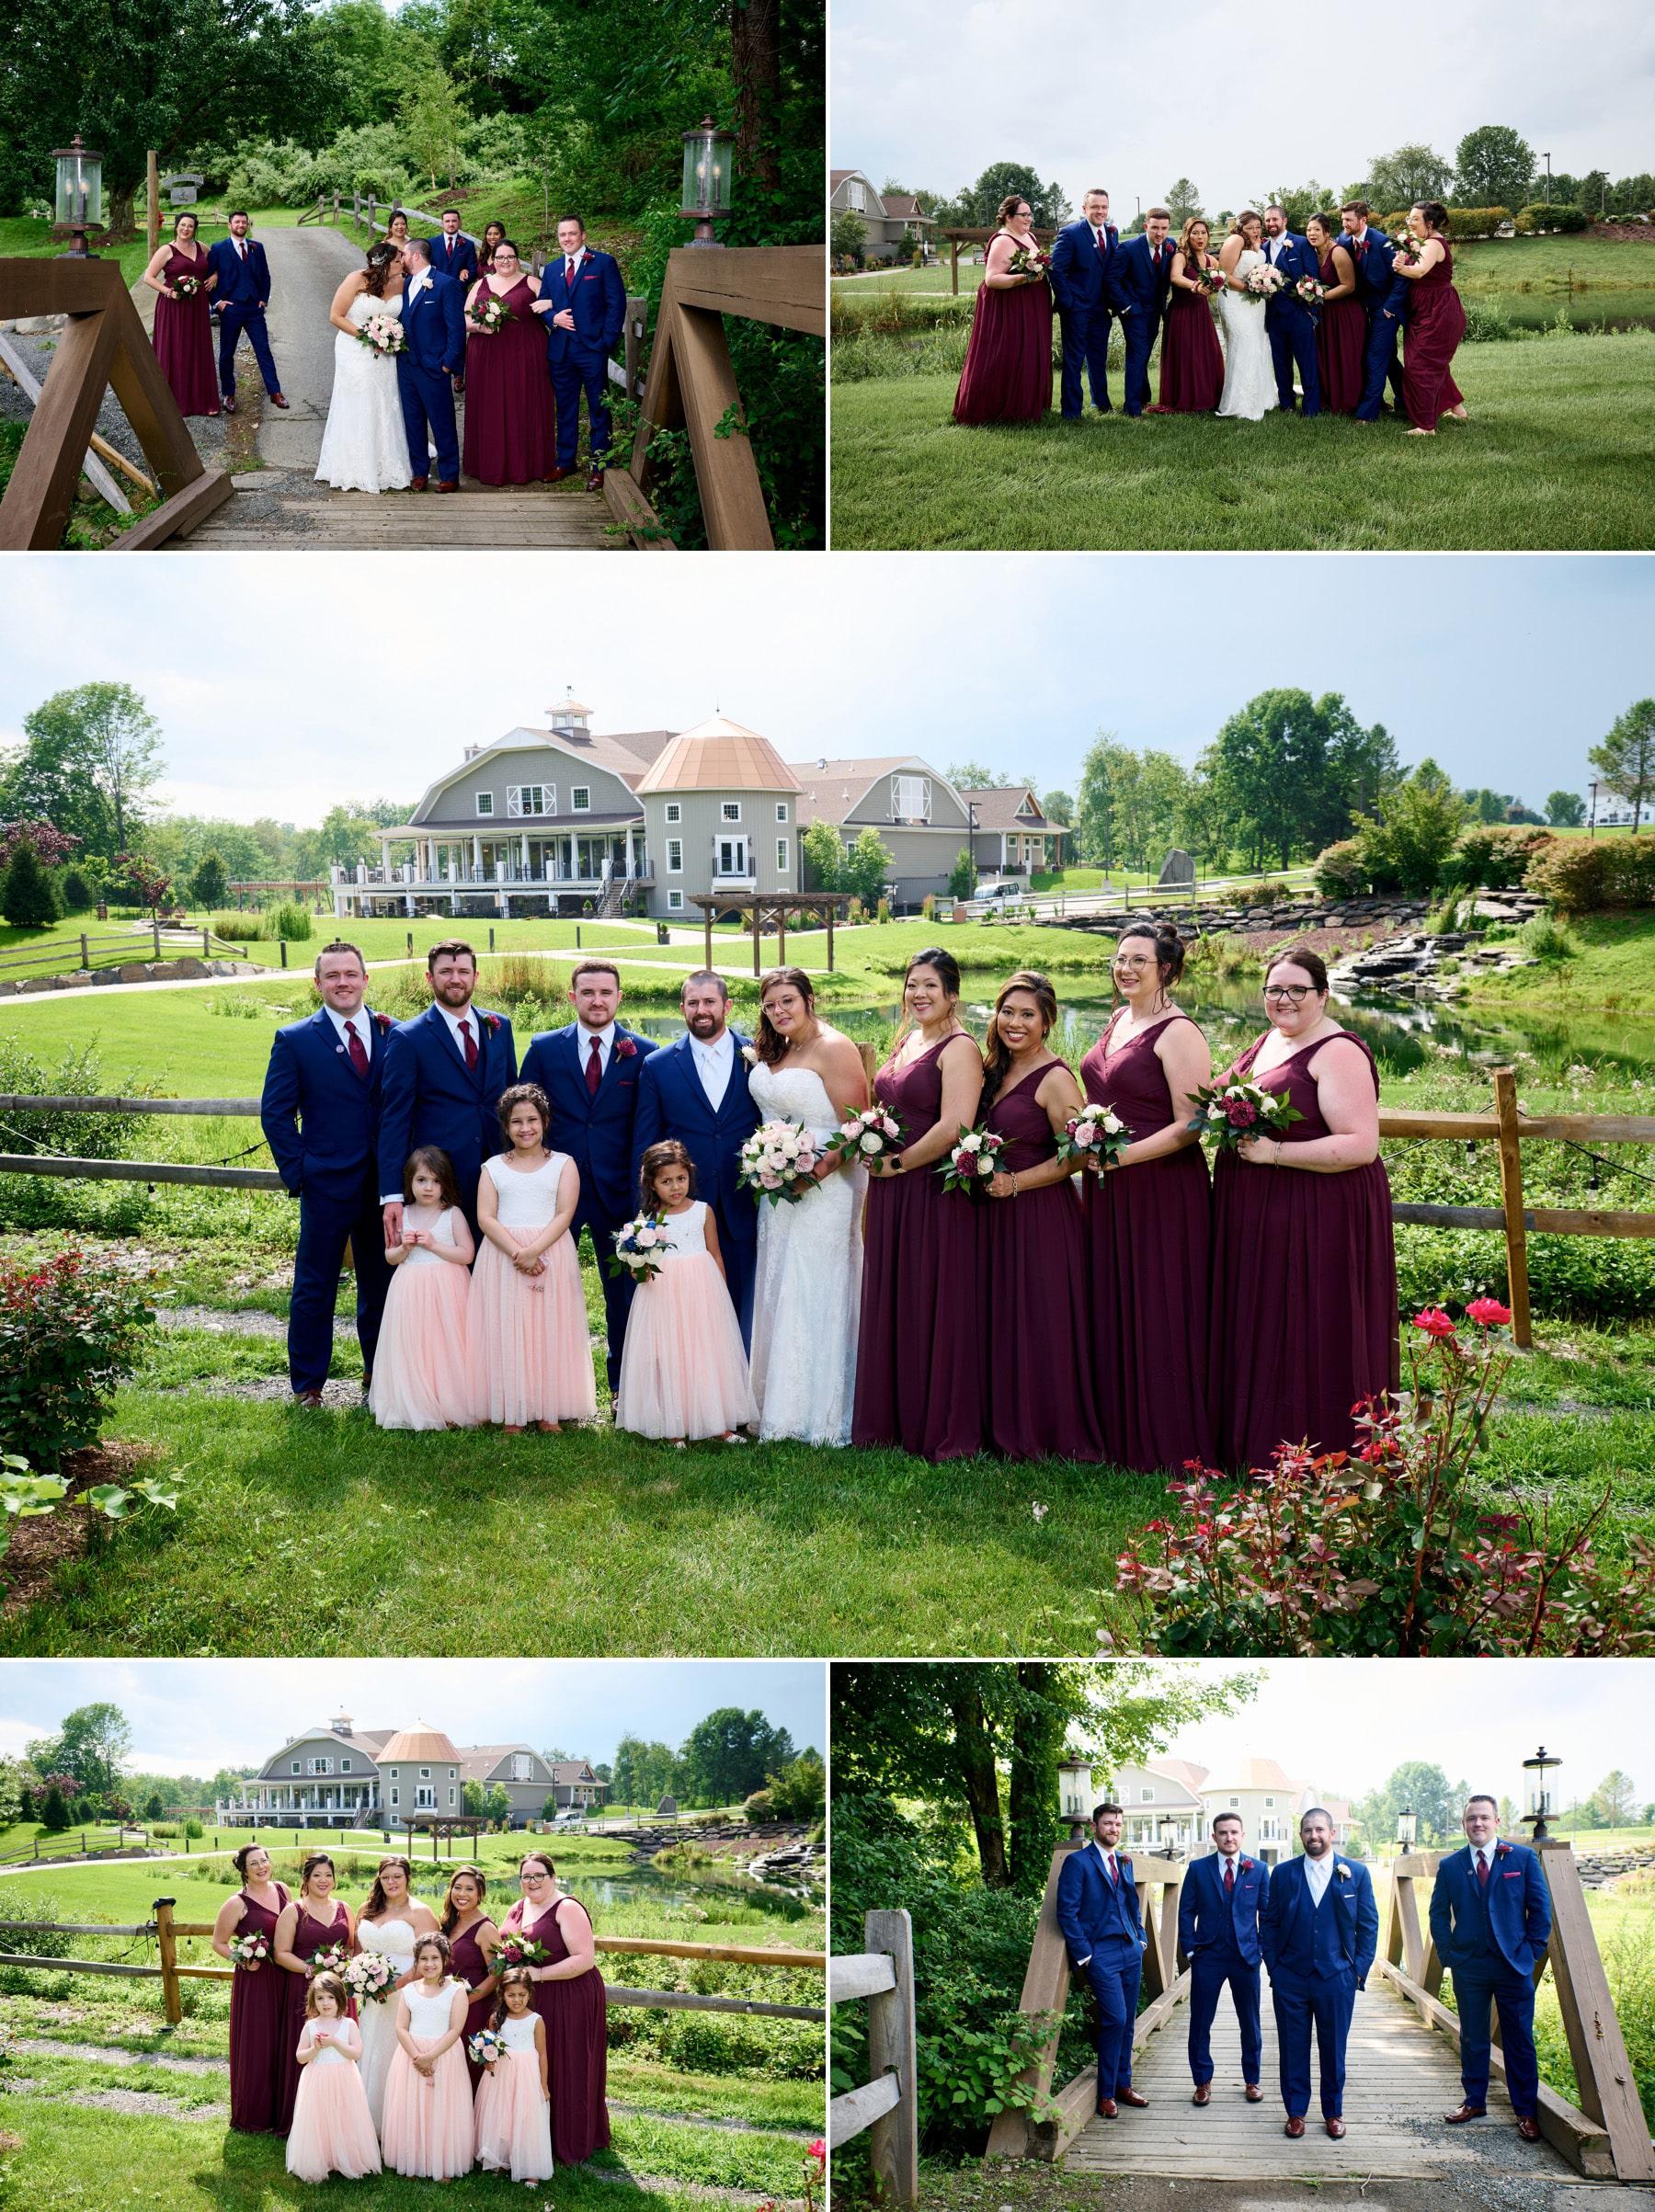 bridal party photos at bear brook valley